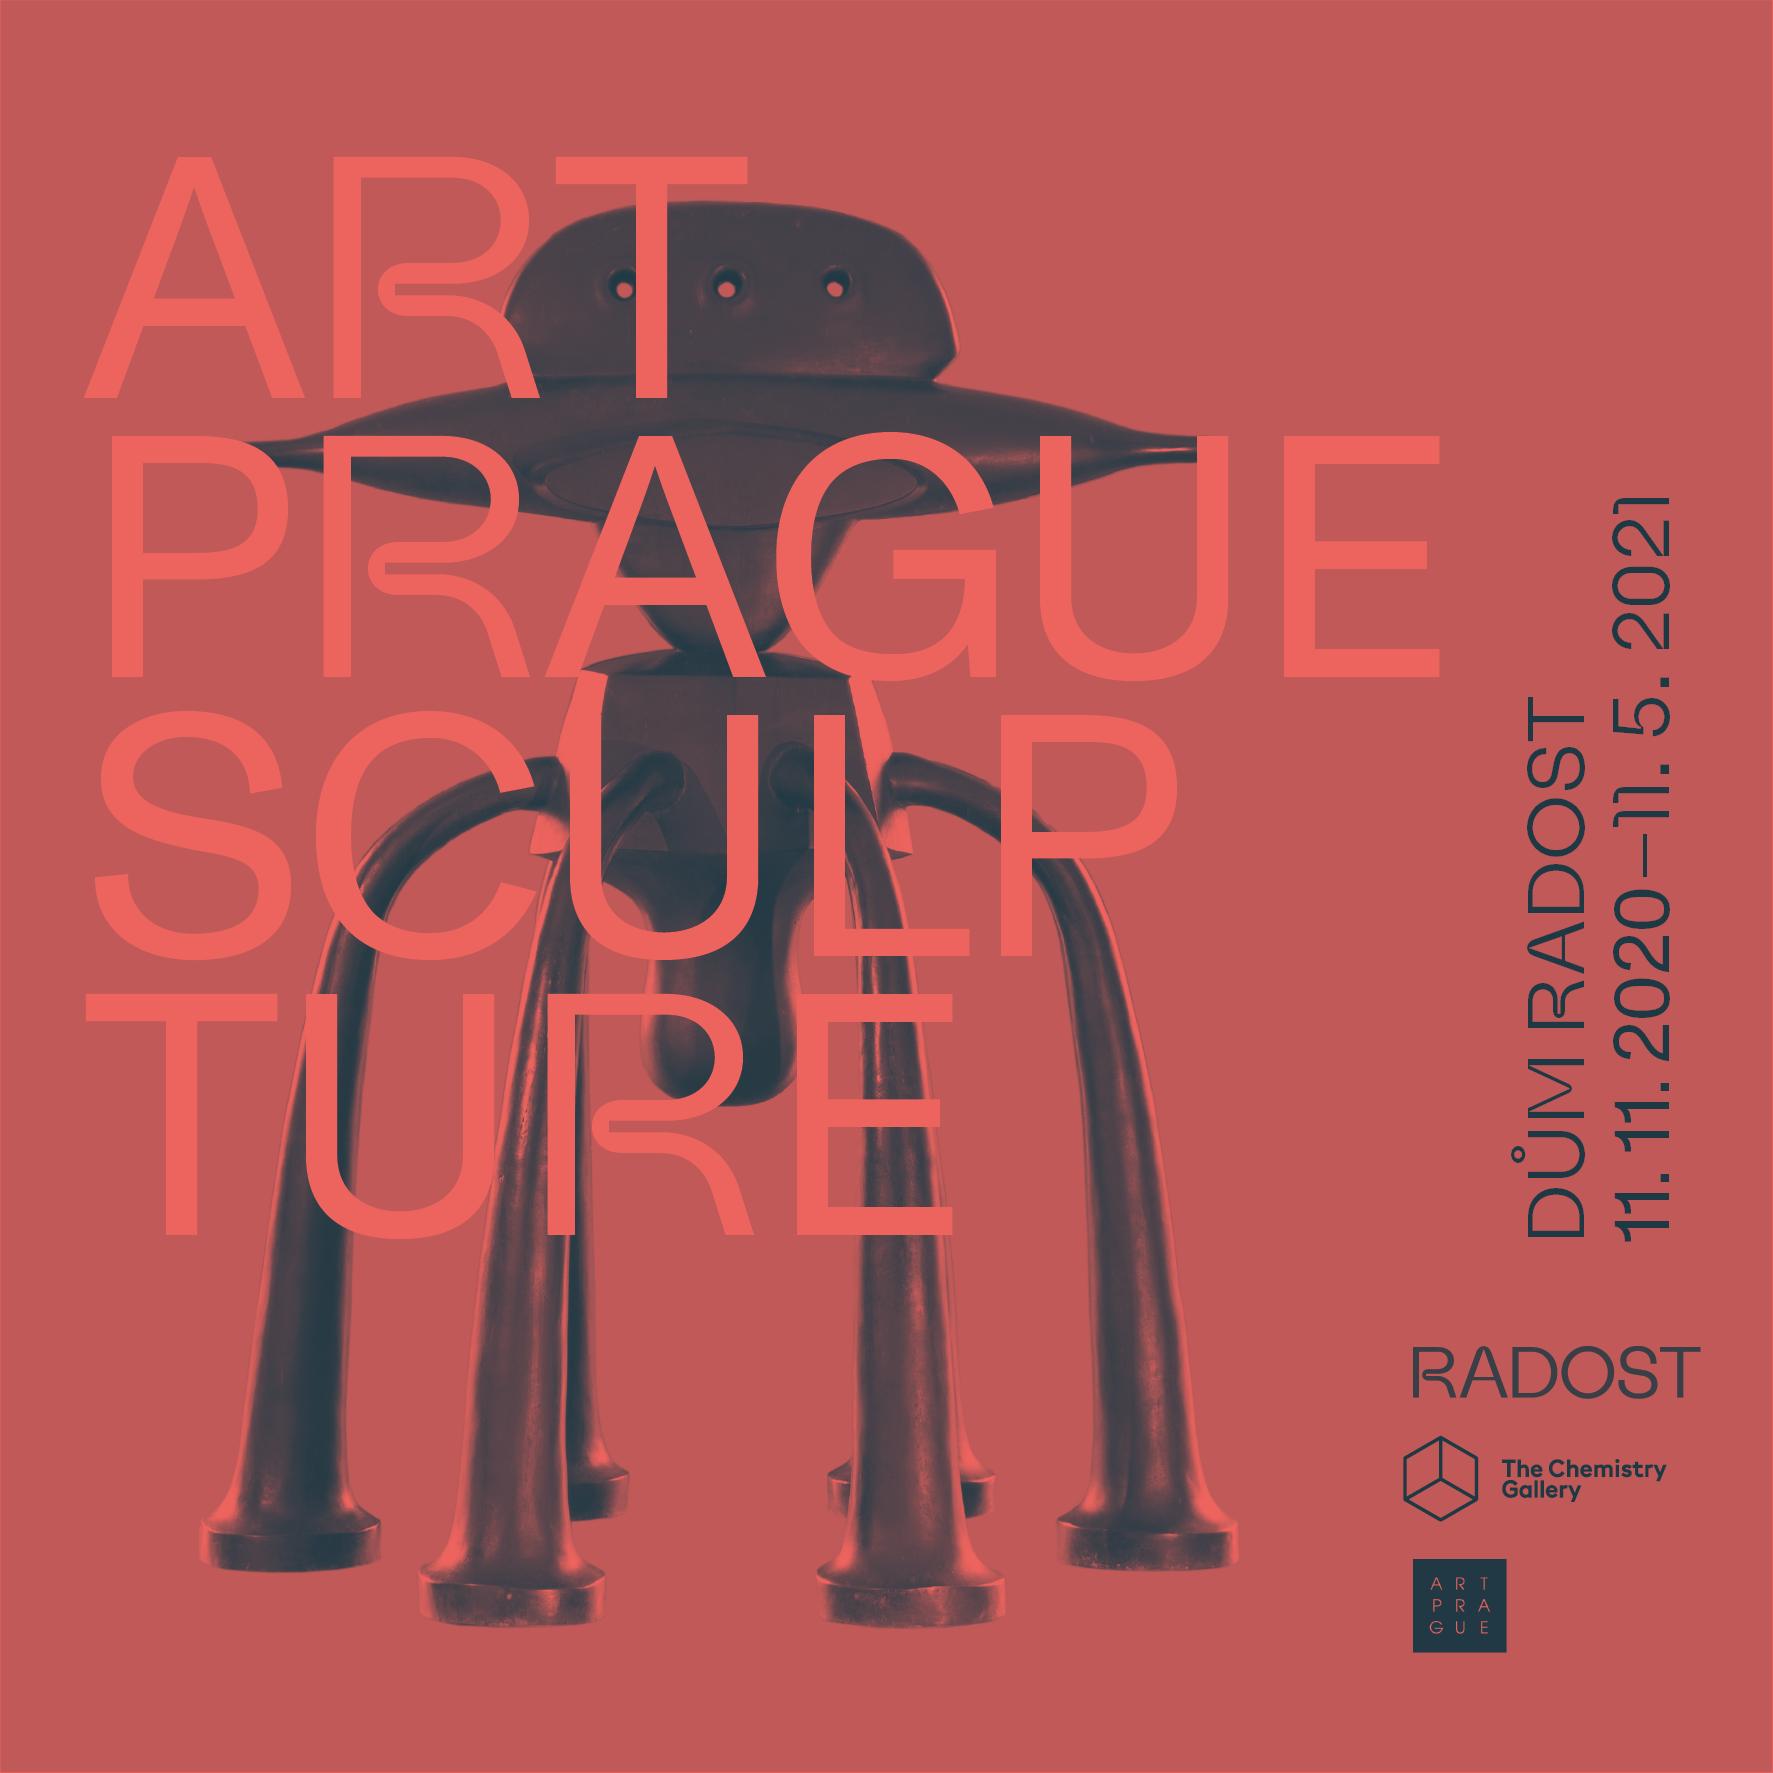 ART PRAGUE SCULPTURE v Radosti